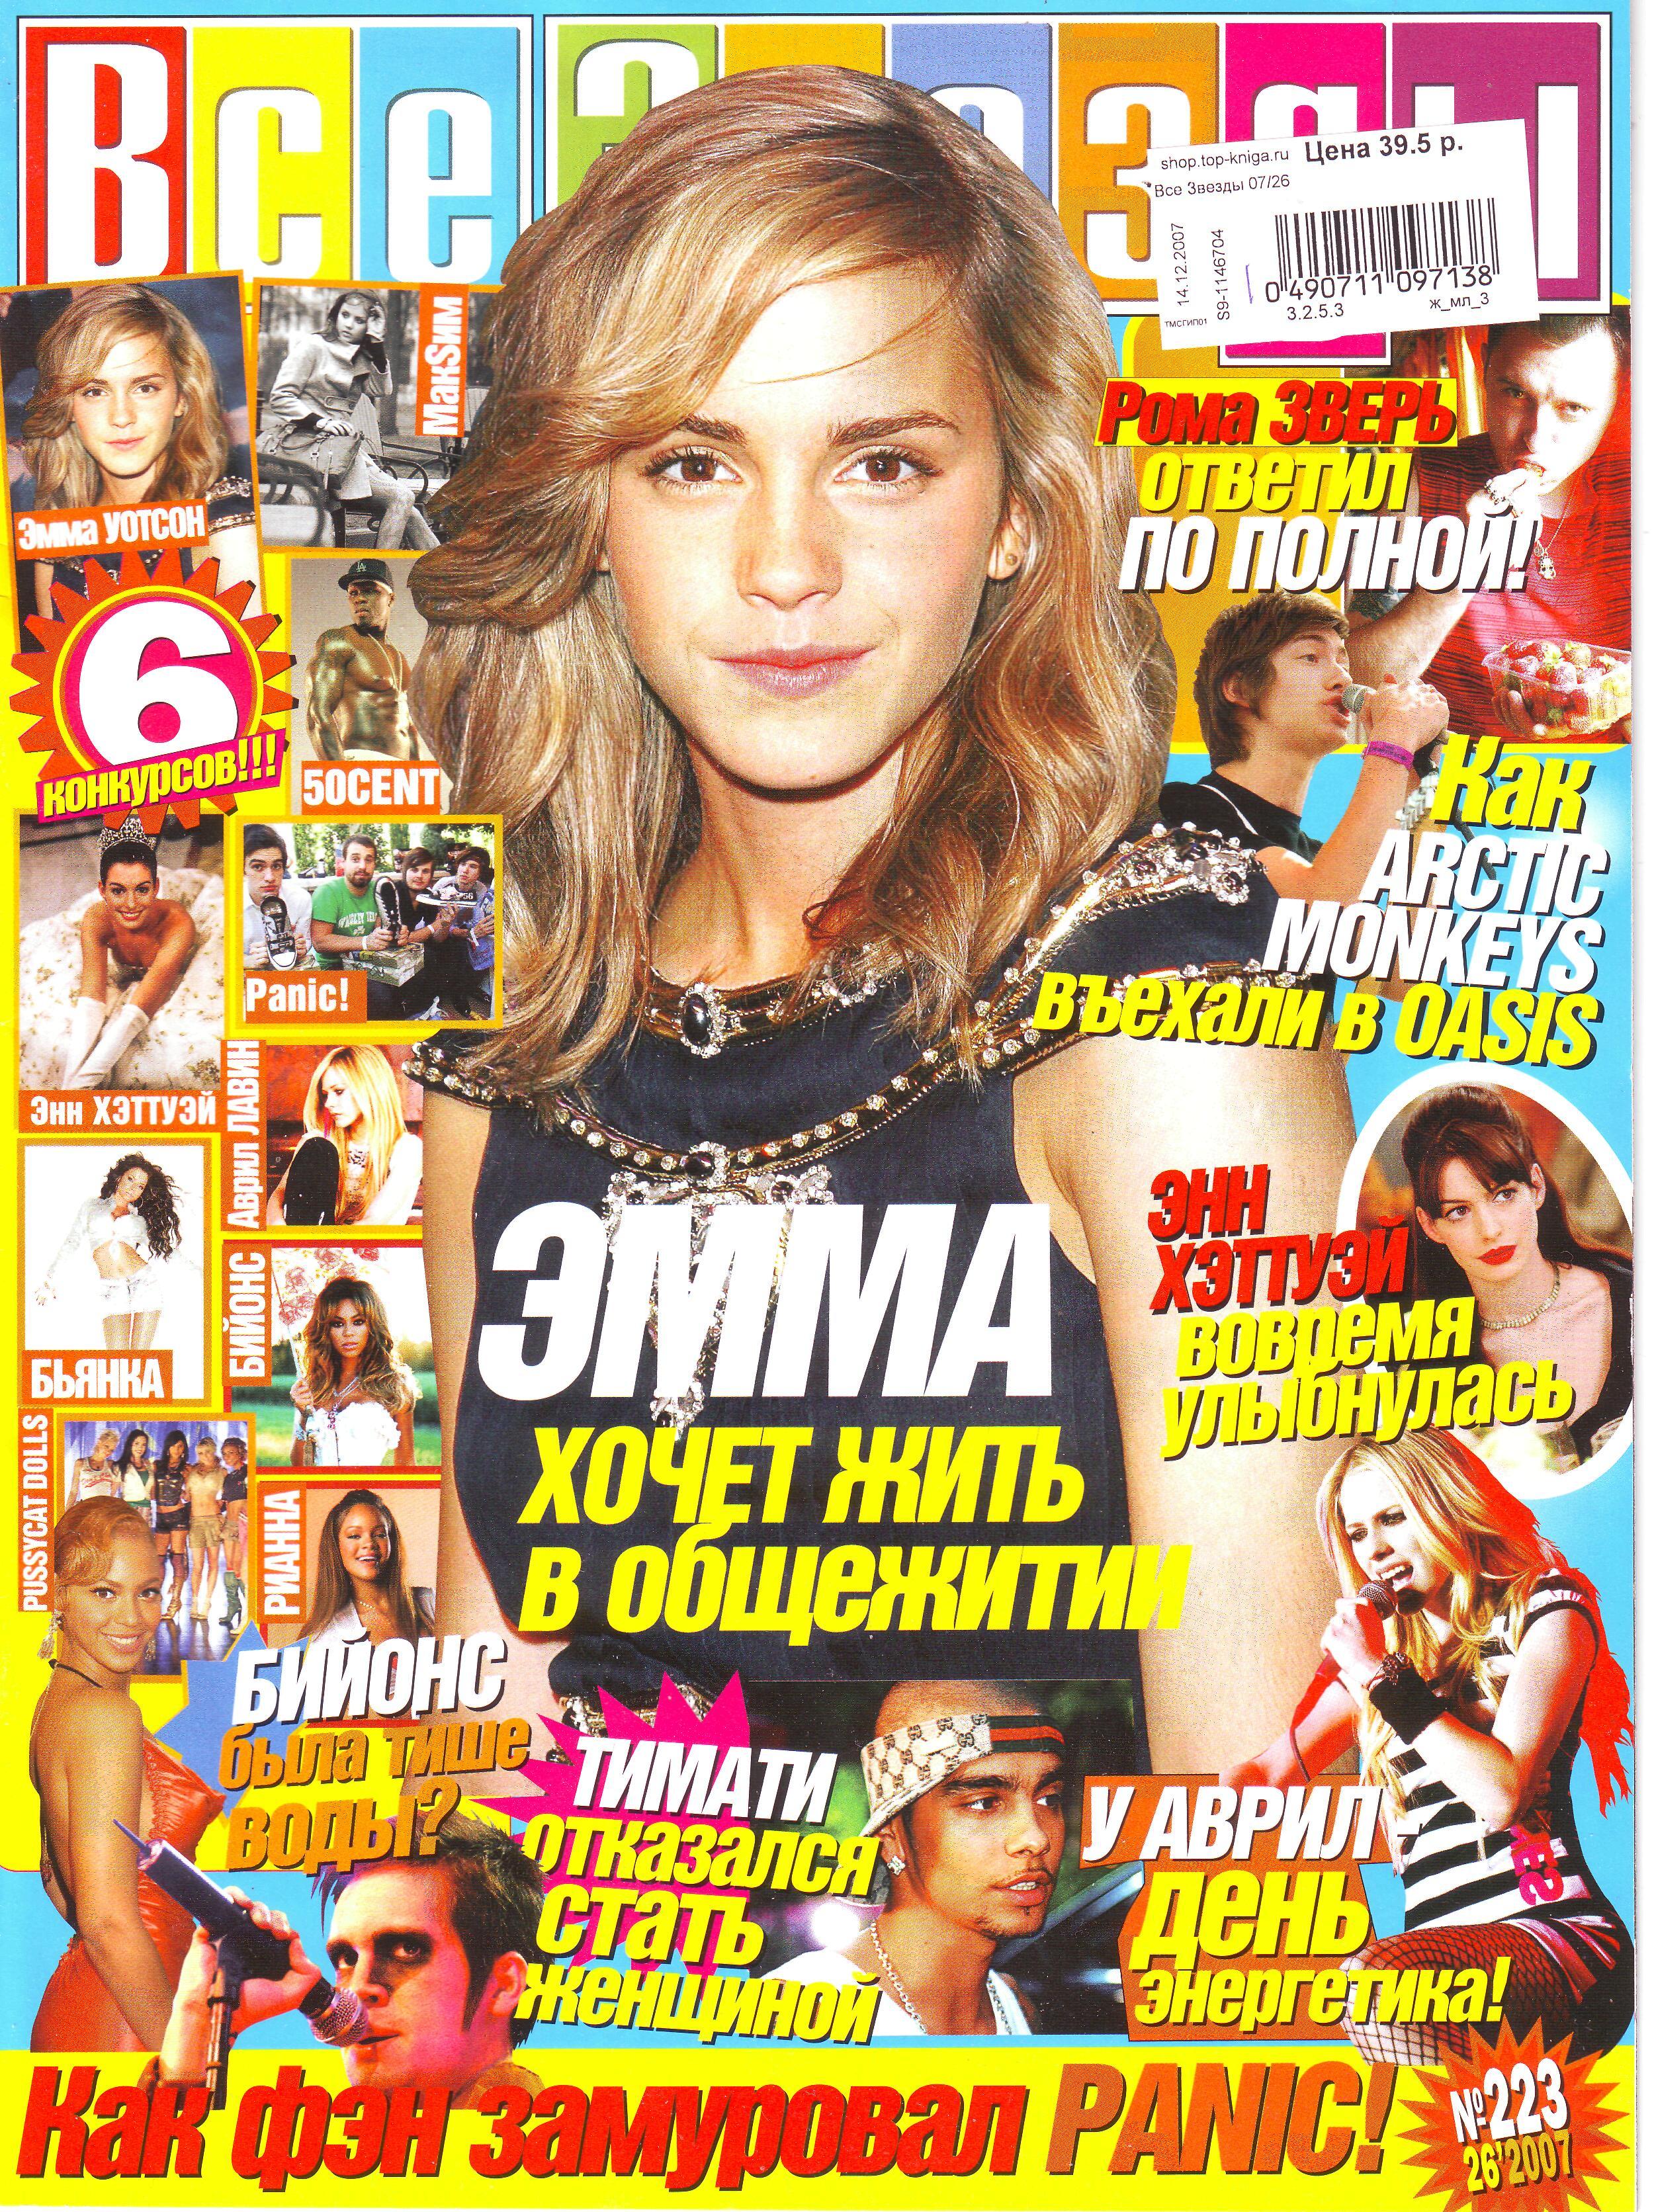 иглы журнал популярный благодаря постерам звезд картин временной потере